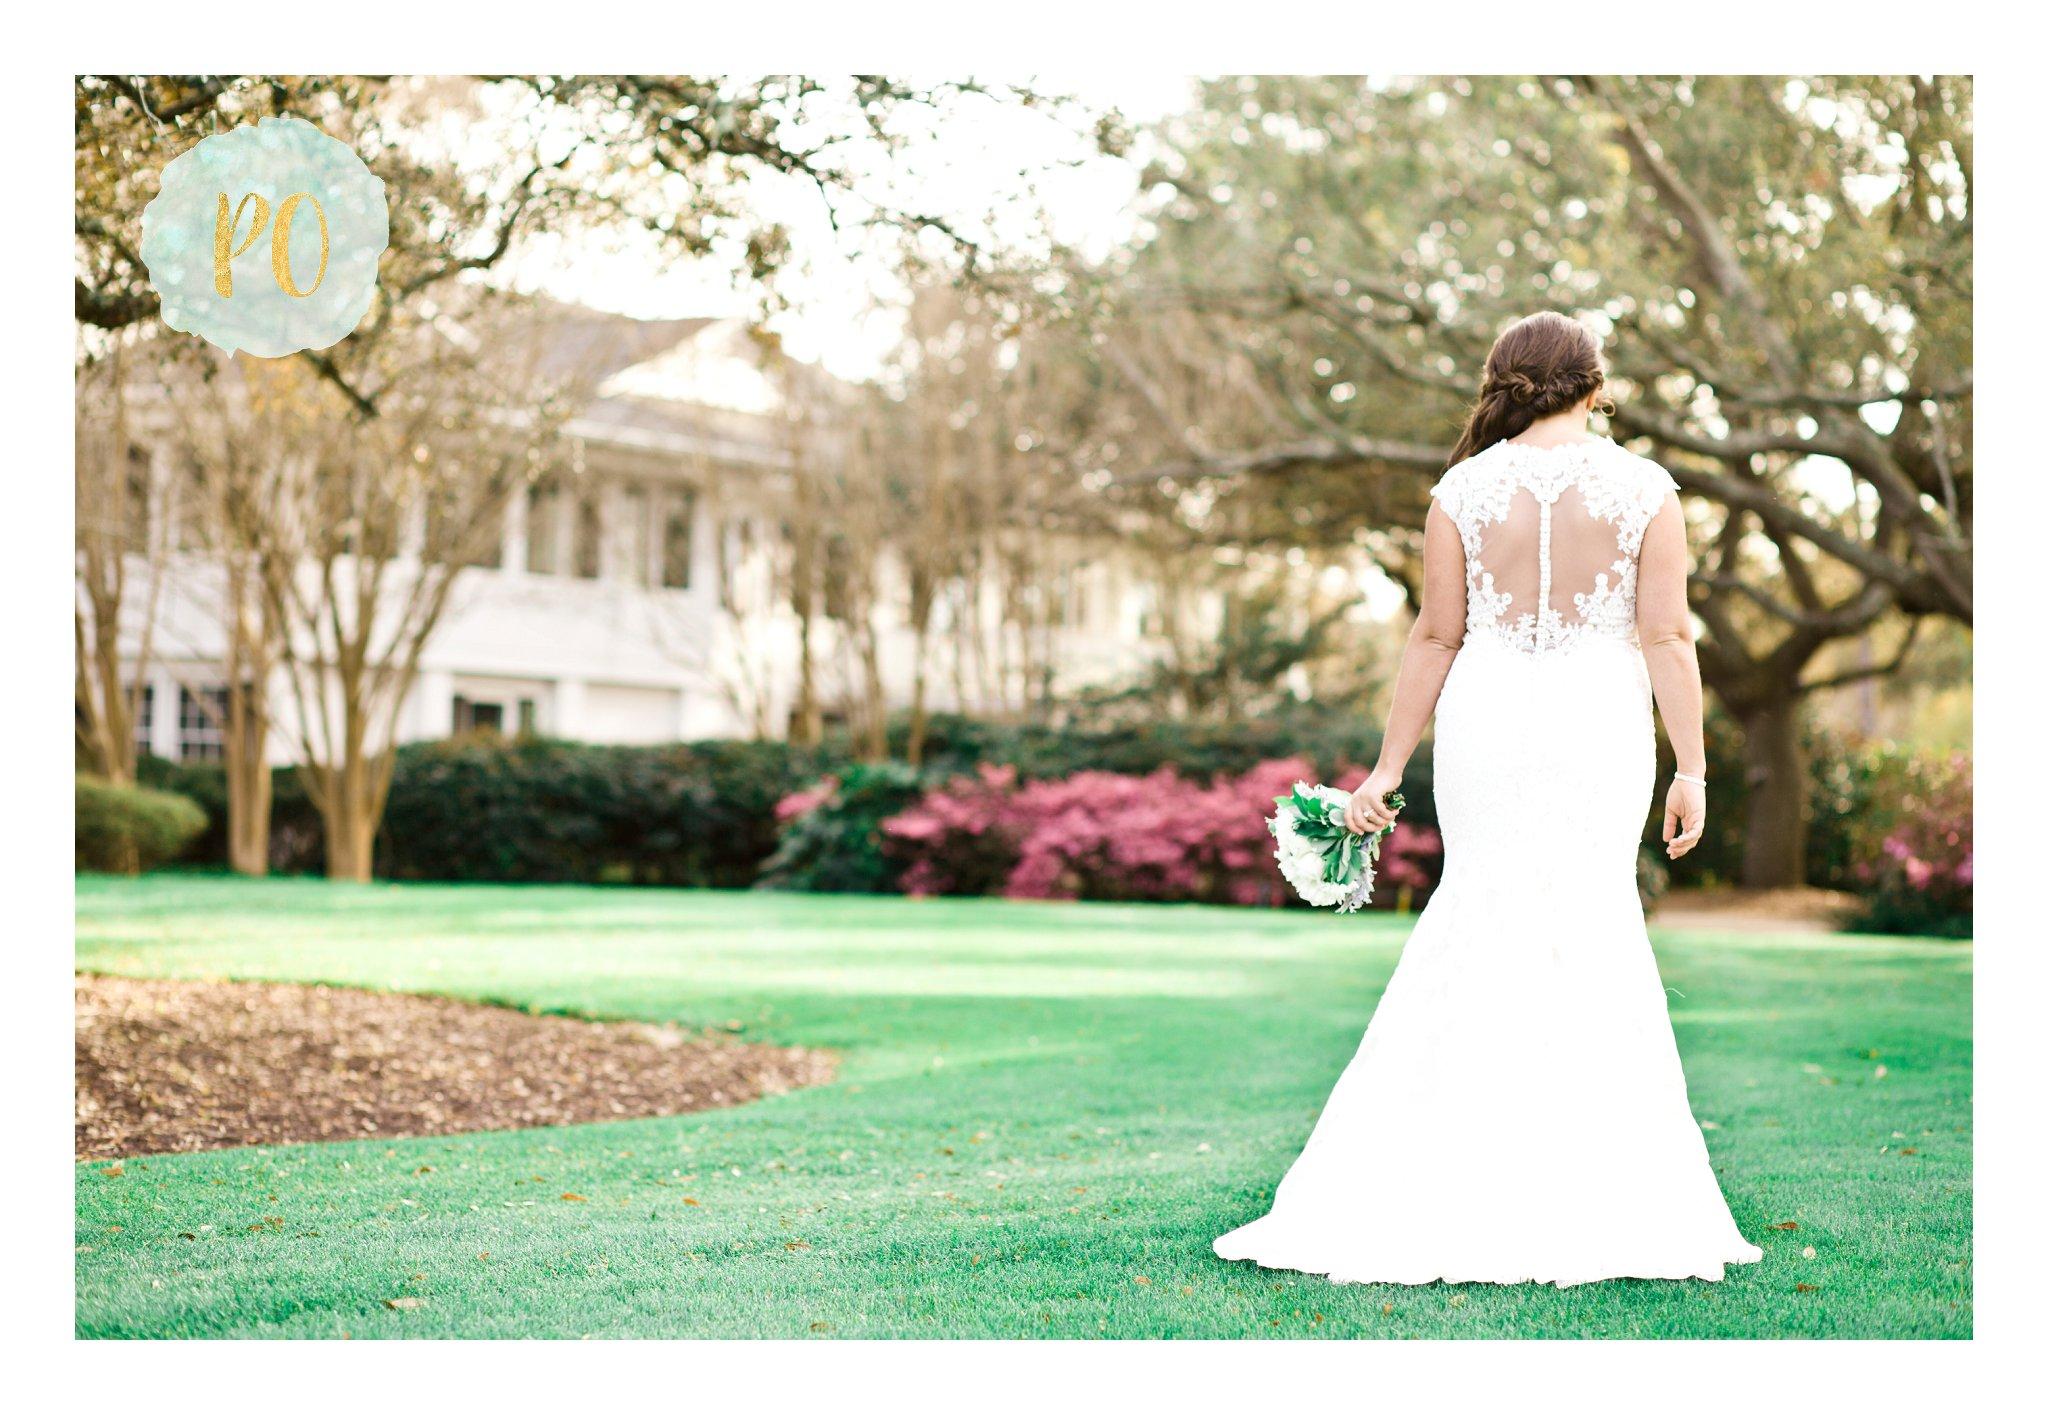 litchfield-golf-country-club-plantation-bridal-pawleys-island-sc-photos_0027.jpg